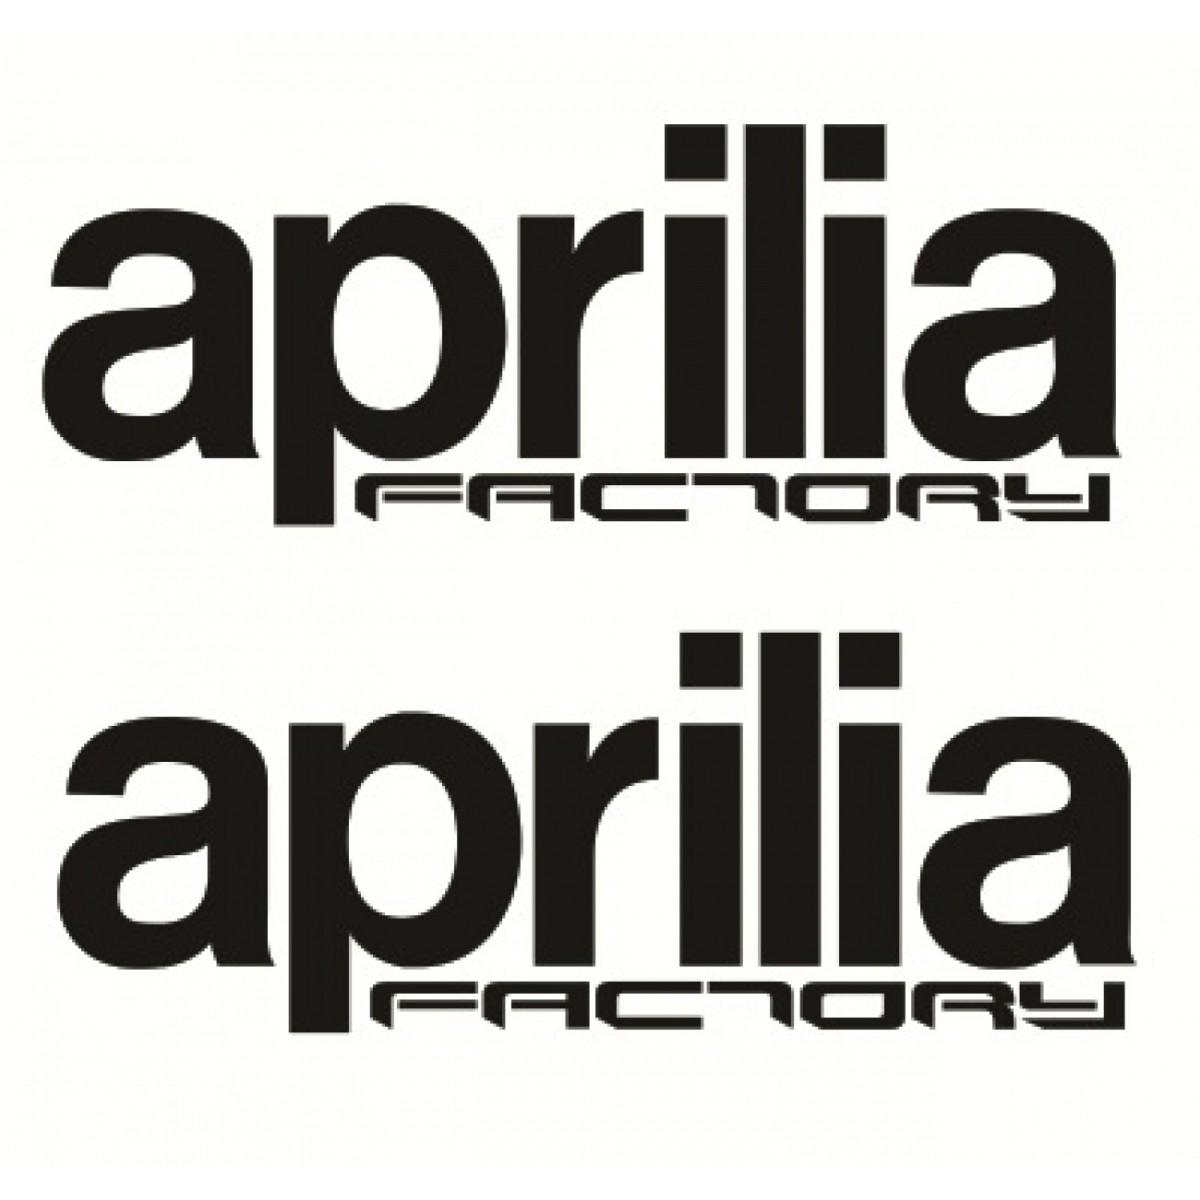 Adesivo Aprilia Factory Decalx